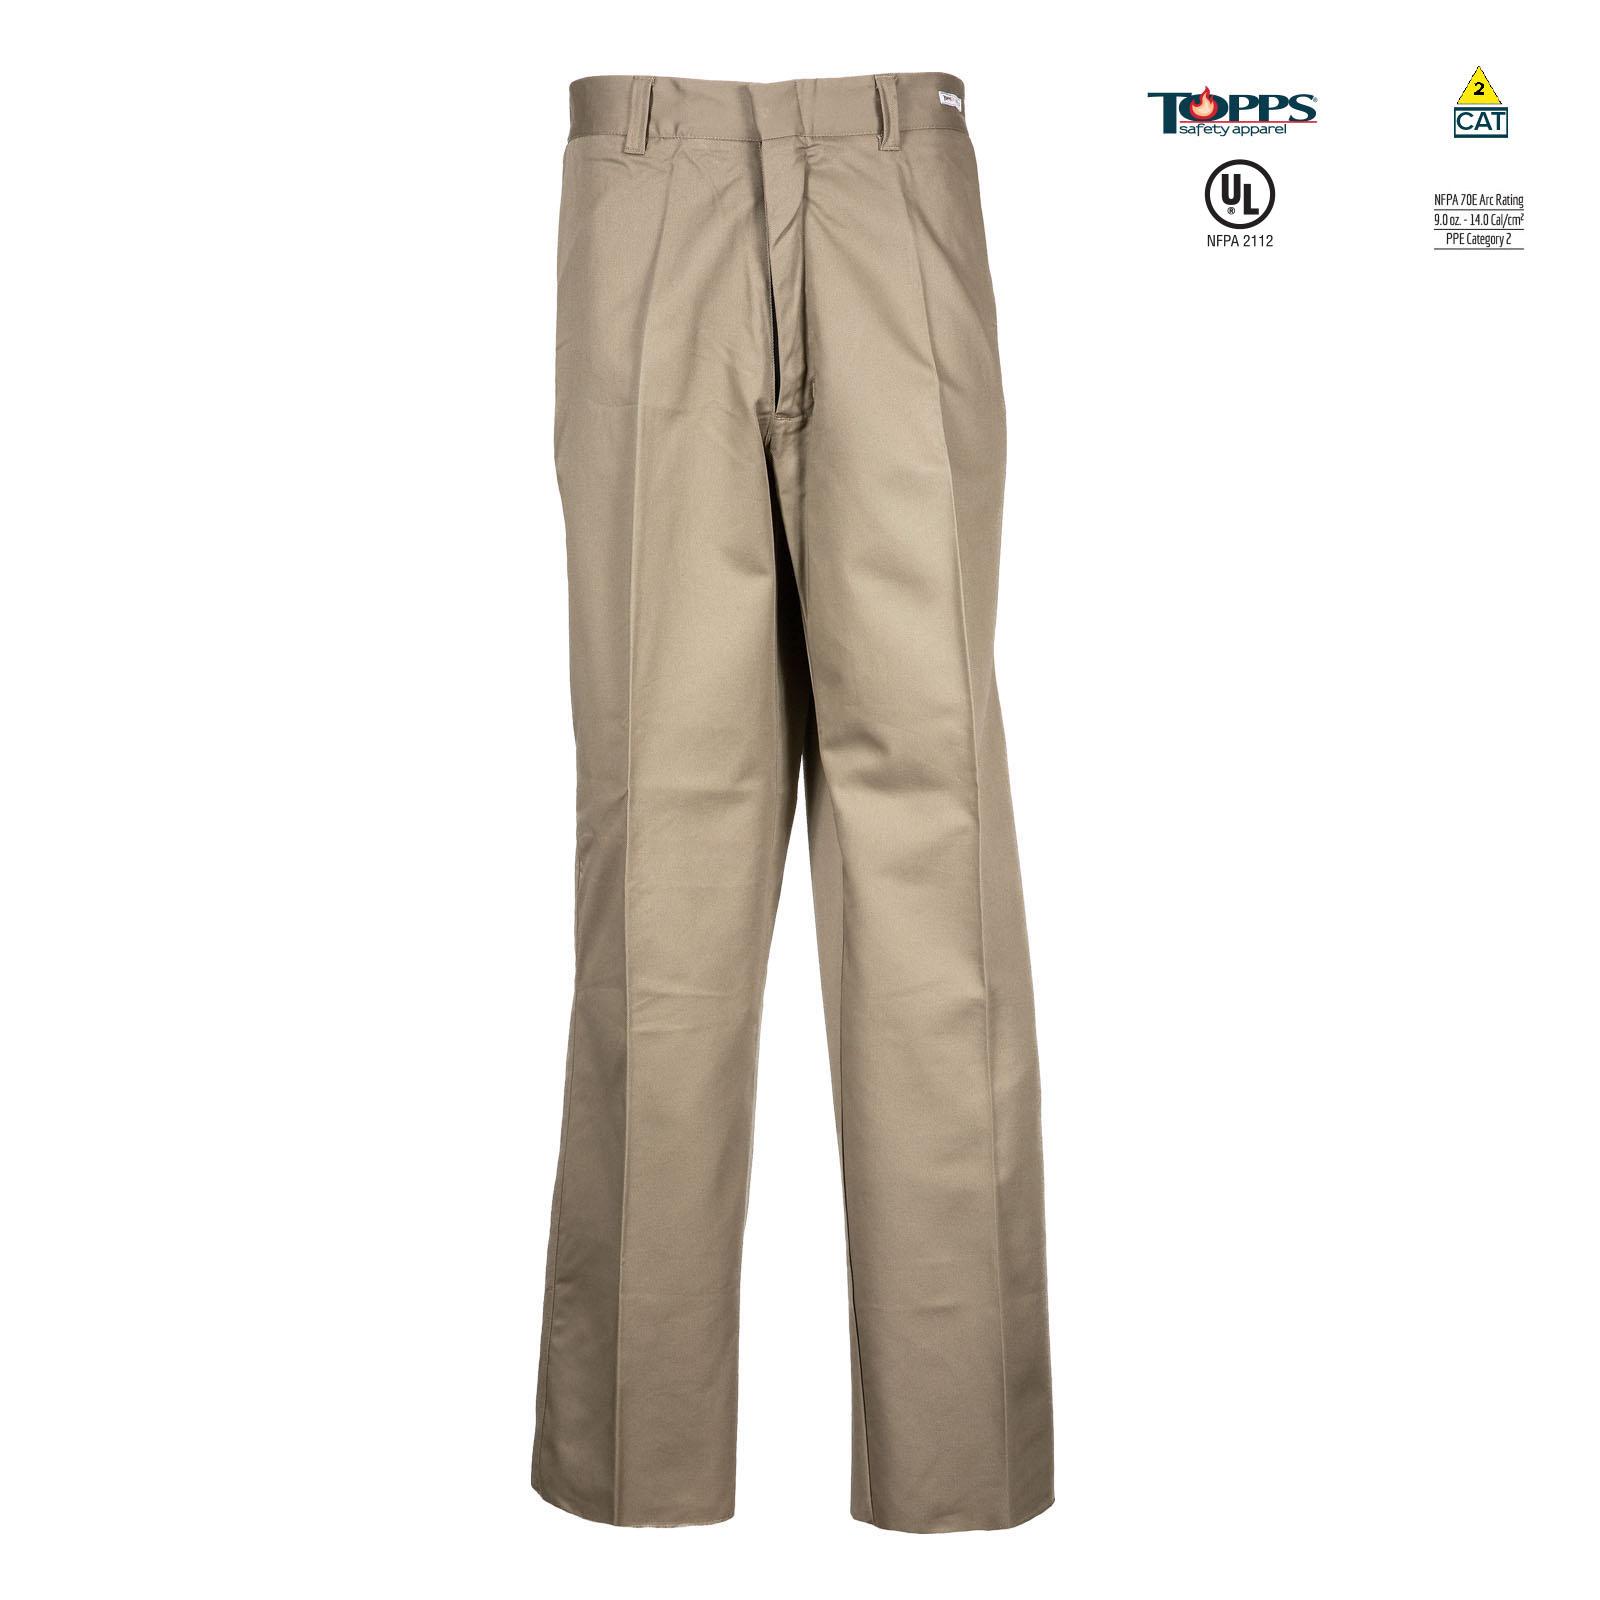 PEAK FR 88/12 Cotton/Nylon Blend Flame Resistant Standard Uniform Pant-